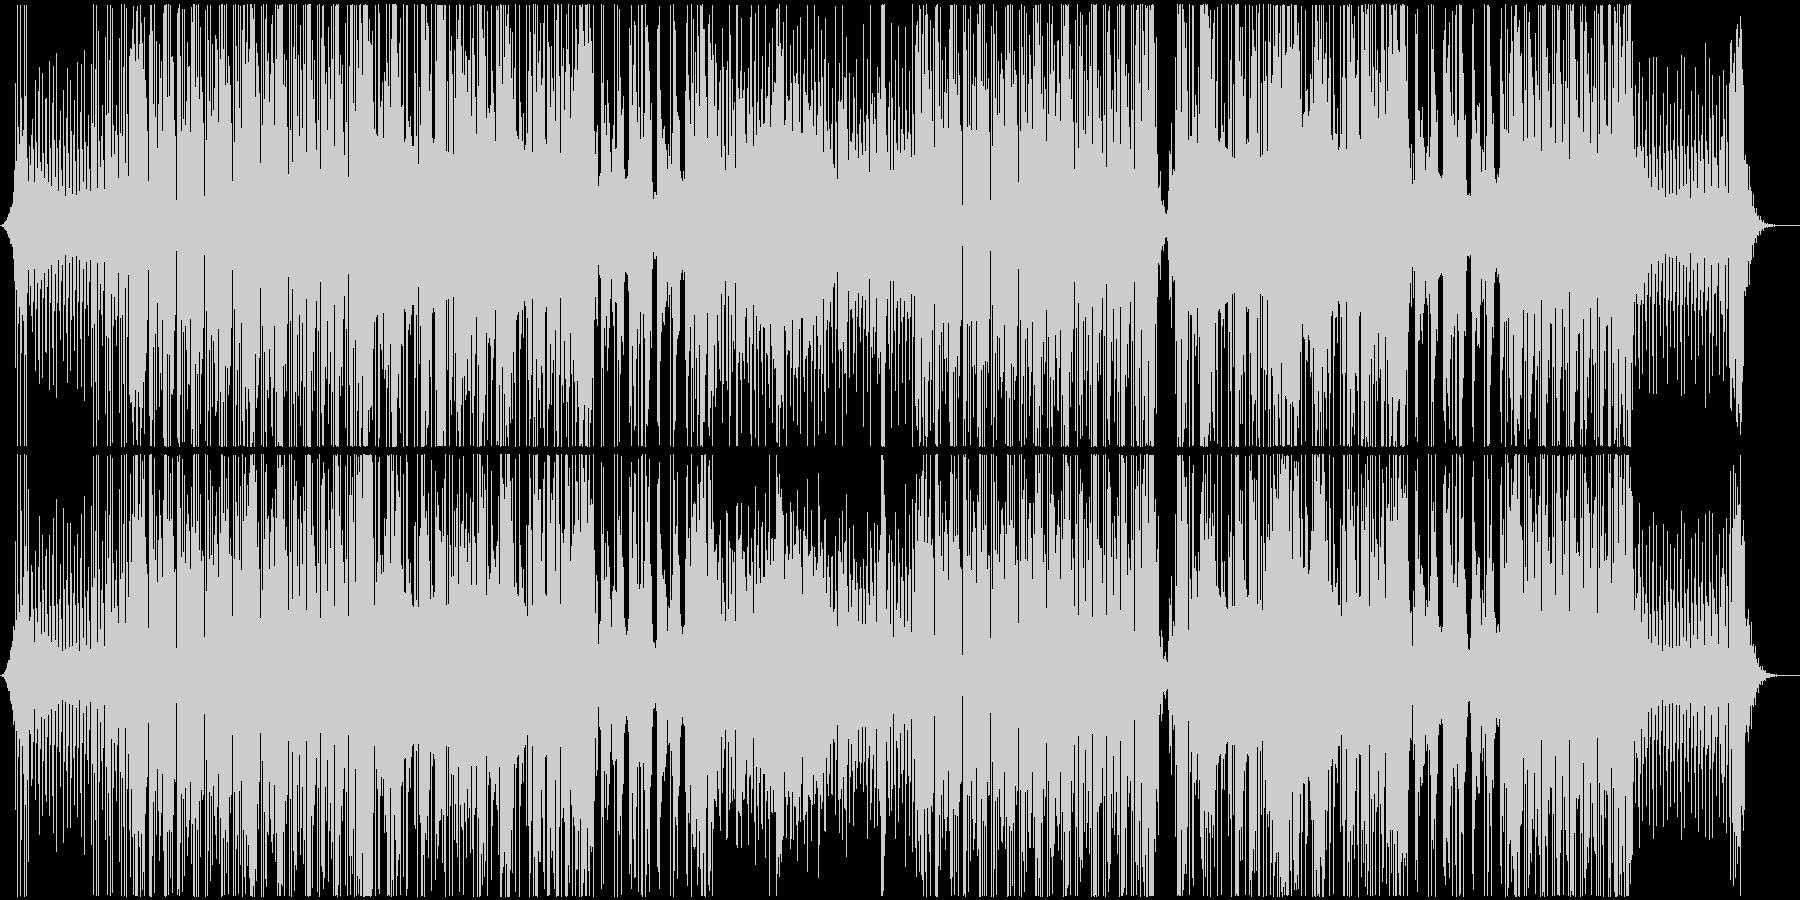 ノリがよく楽しい雰囲気のレゲエ、ダブの未再生の波形